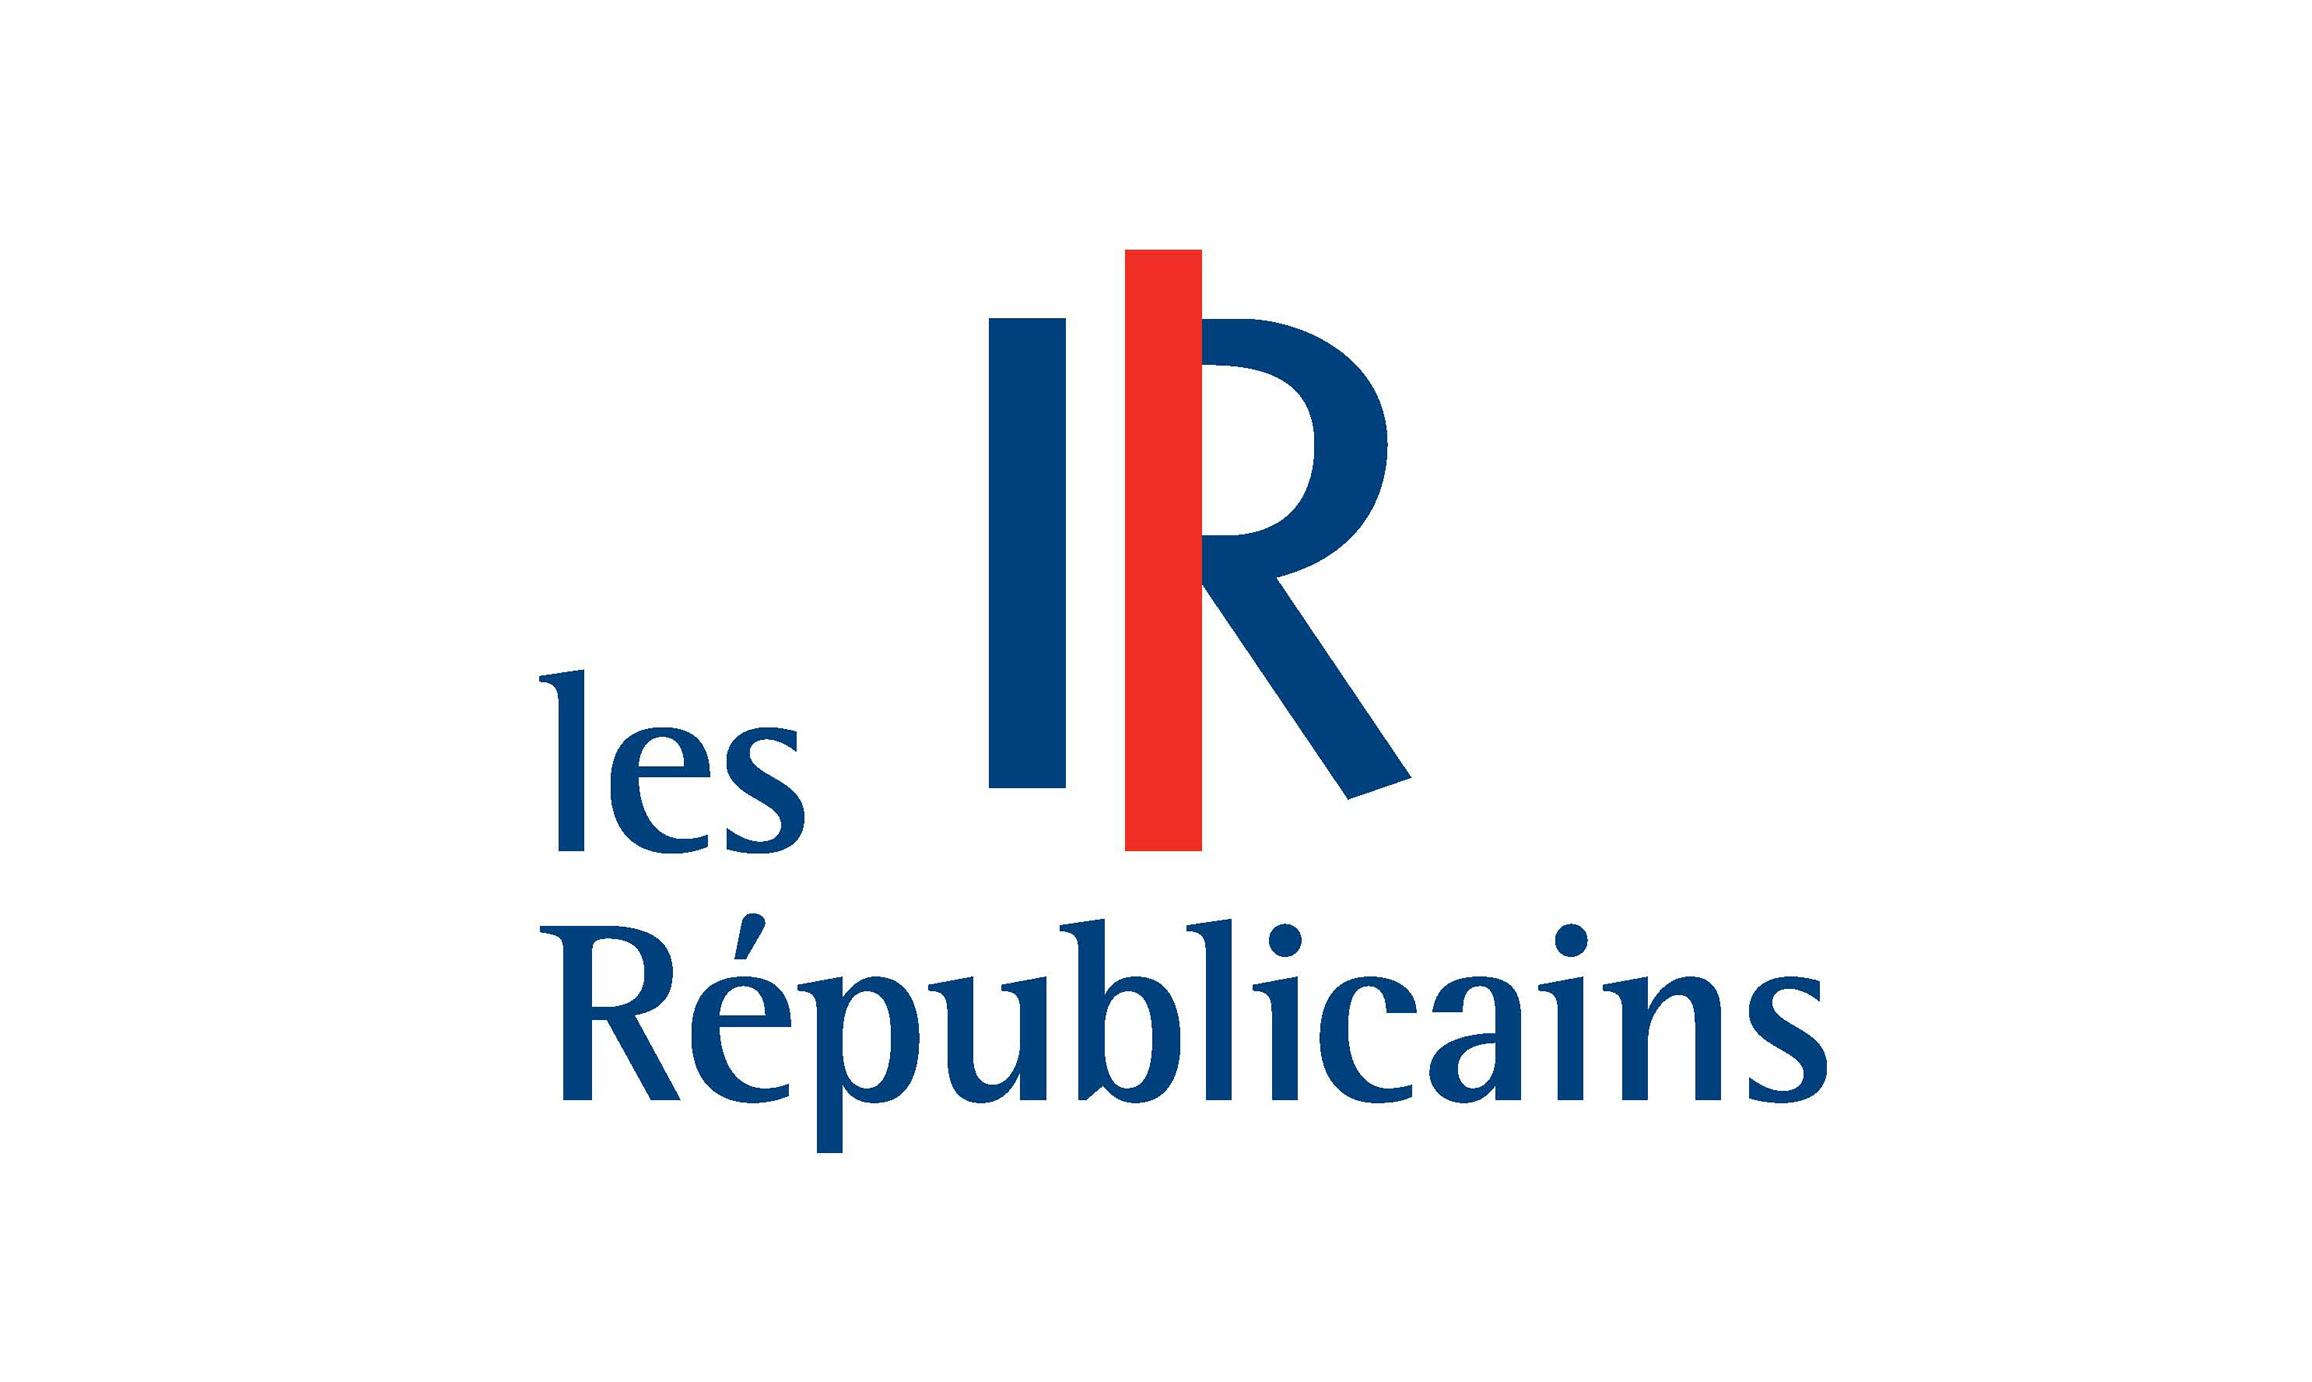 Les Republicains Logo Wallpaper